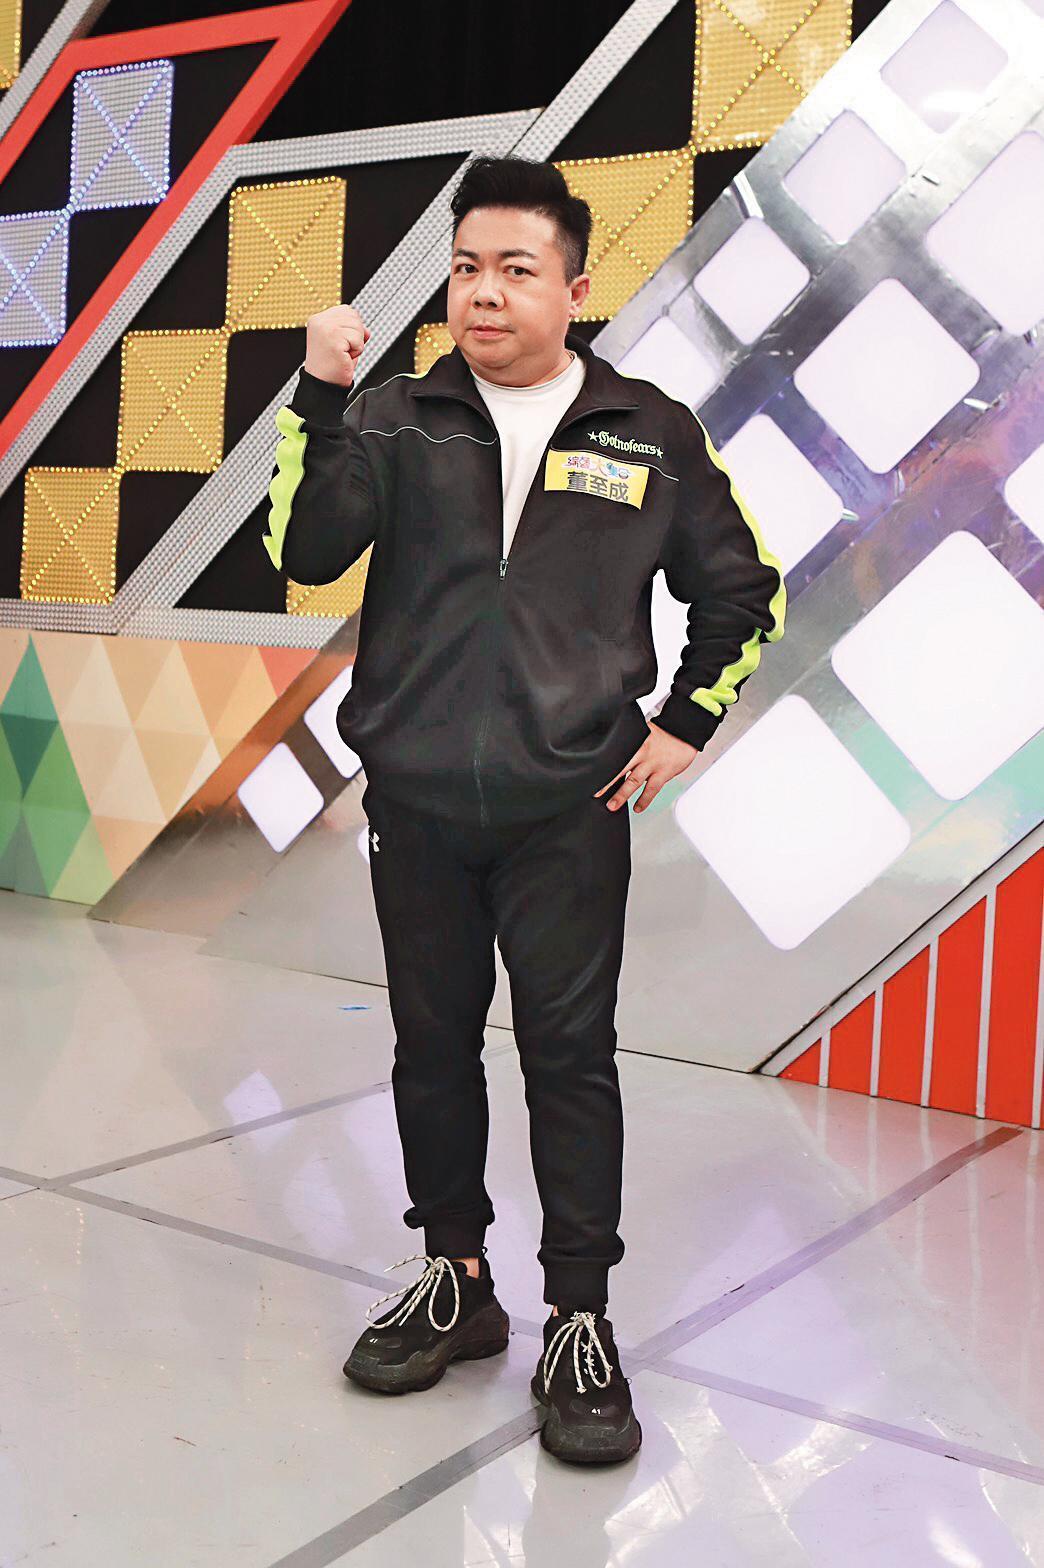 董至成因為婚變,最近在台灣演藝圈風風火火緊抓話語權,出招猛攻老婆羅若云。(民視提供)